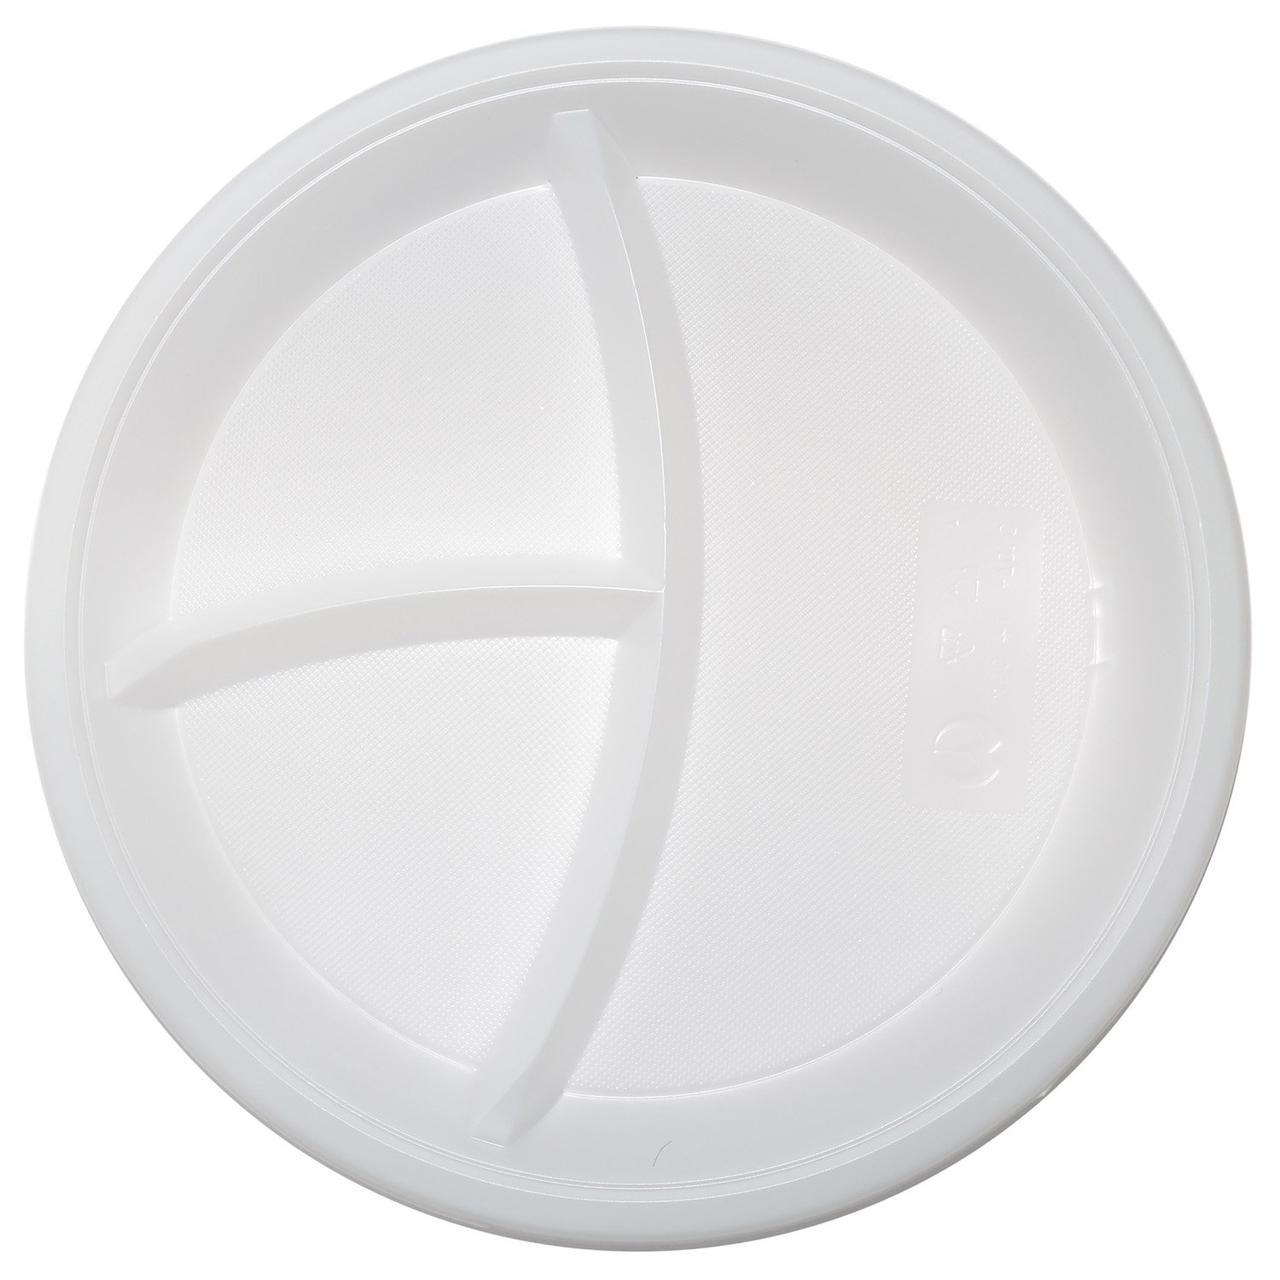 Тарелка d 210мм, 3-секции, белая, 1200 шт